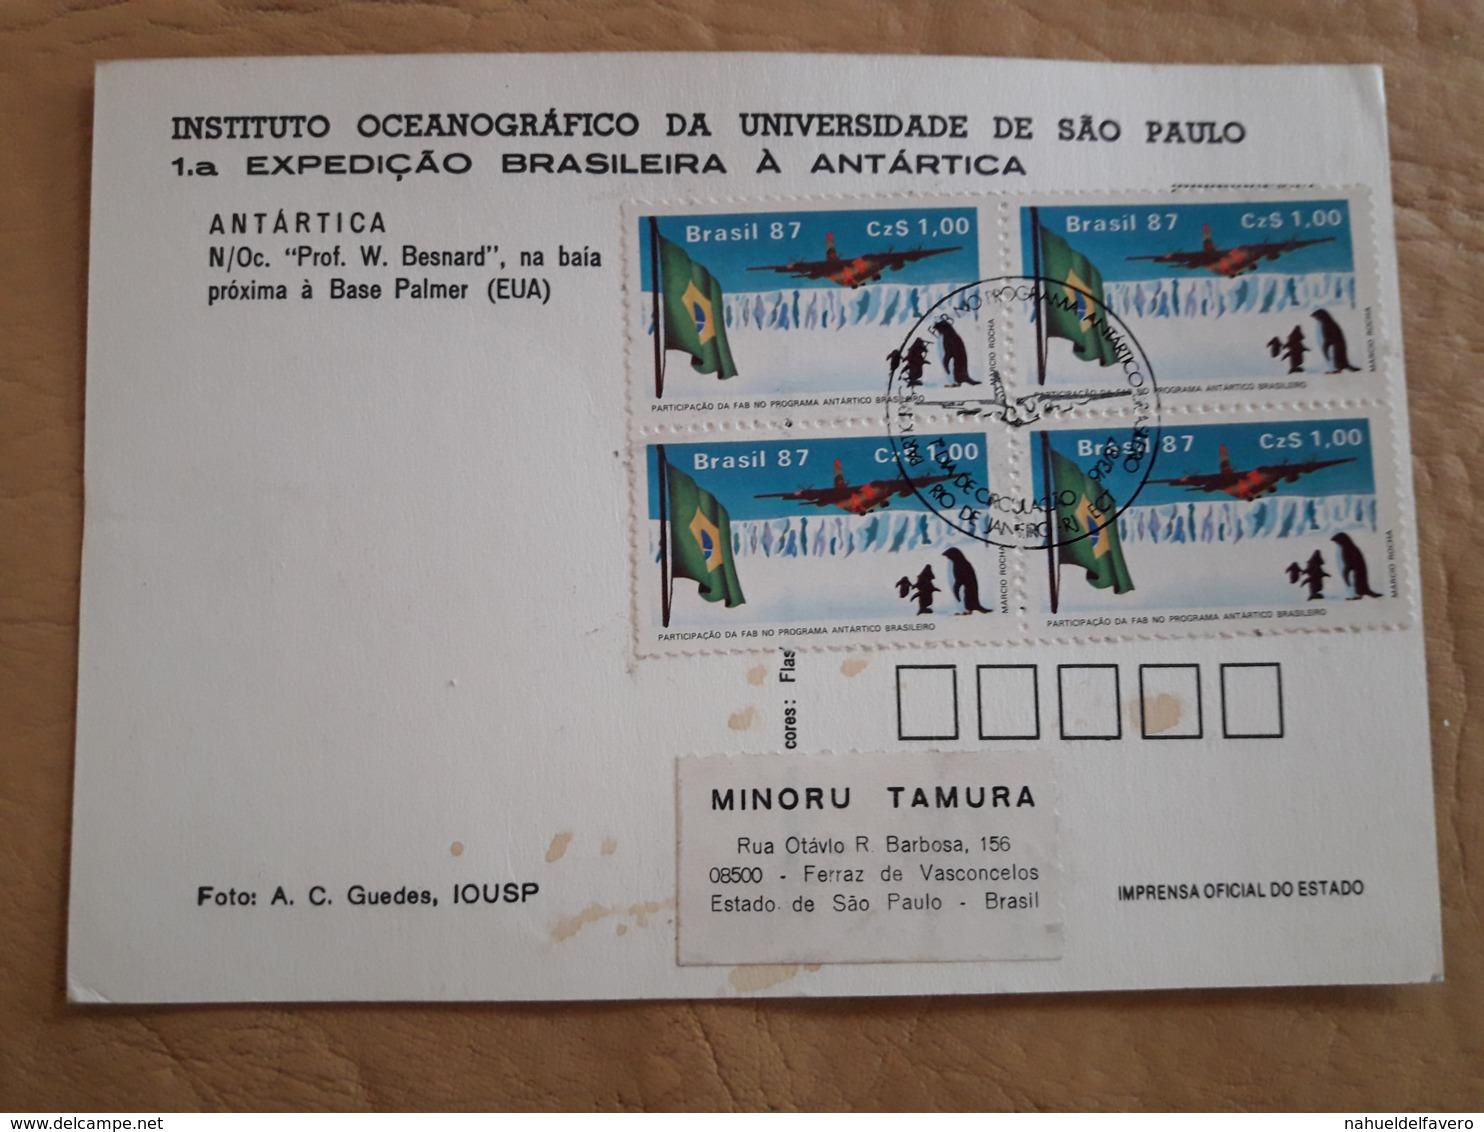 Brésil Première Expédition Brésilienne En Antarctique 1987 - Expediciones Antárticas